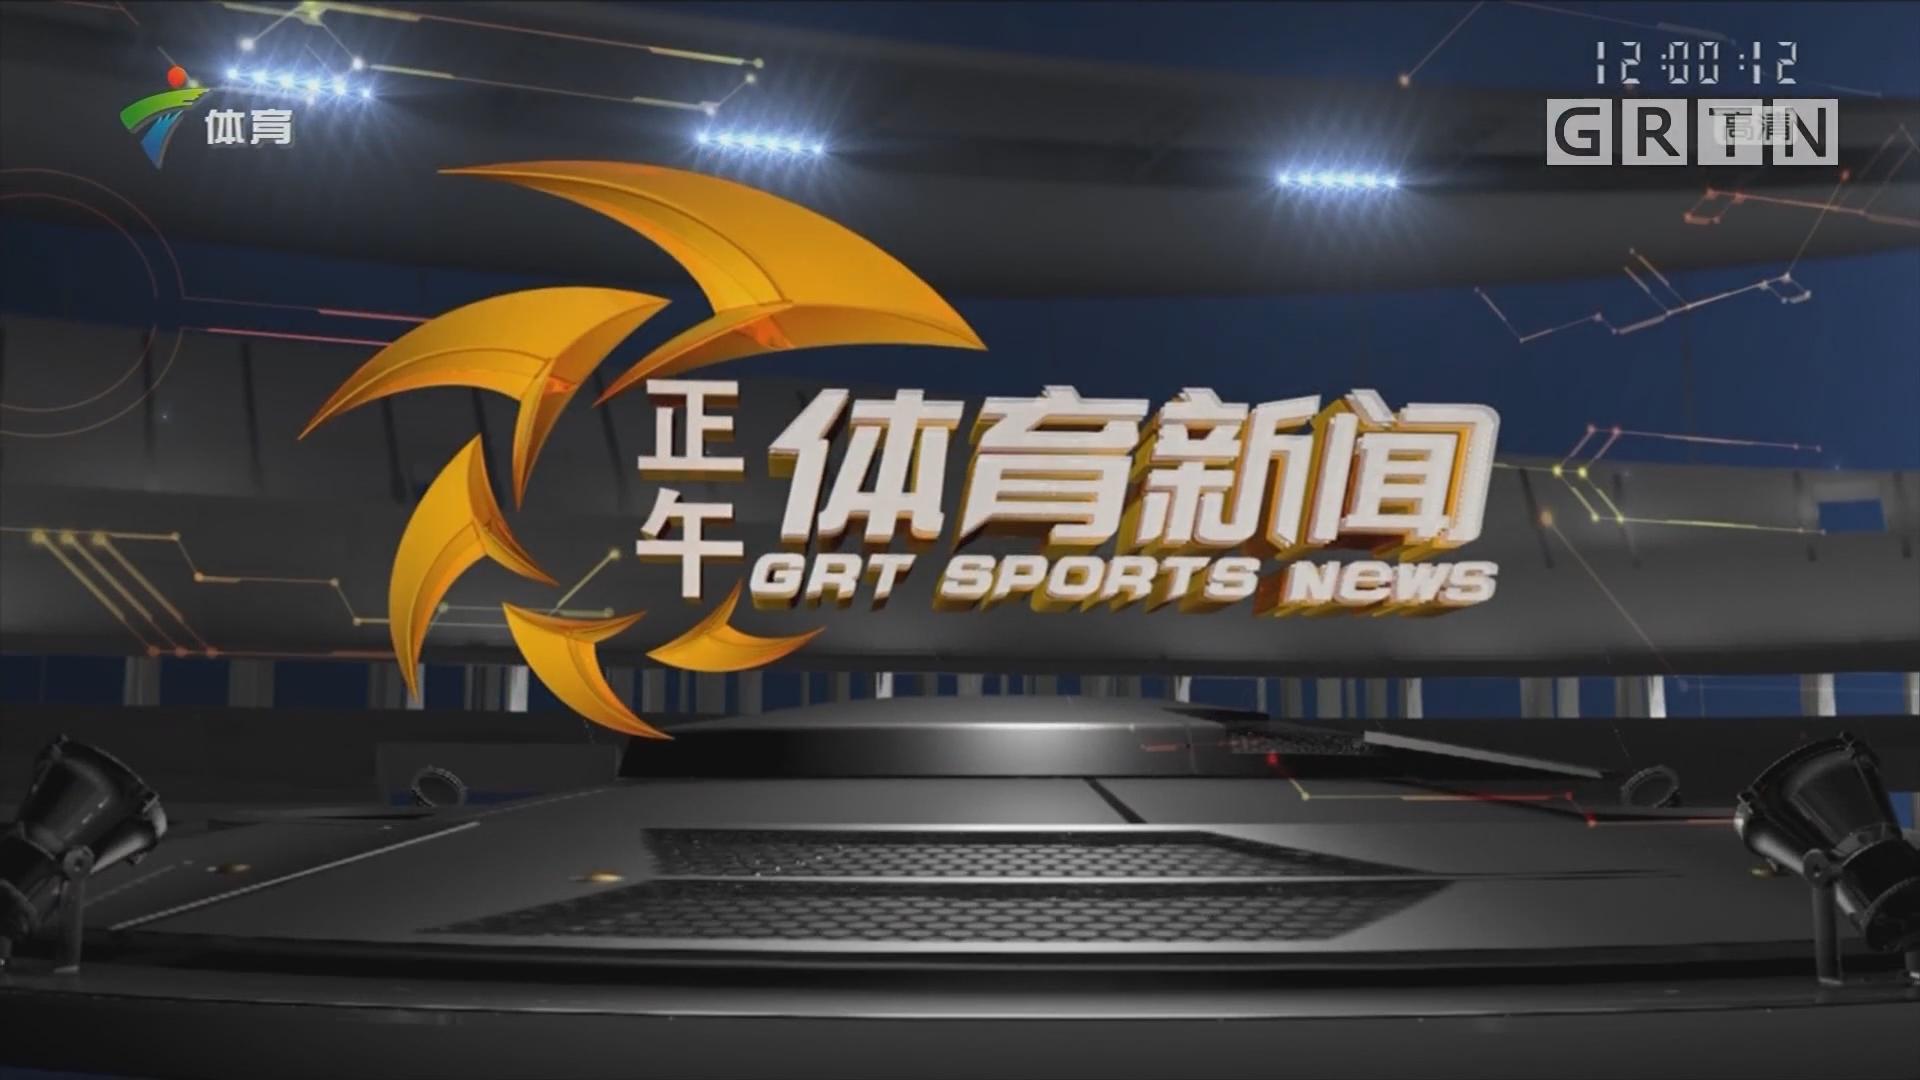 [HD][2019-10-20]正午体育新闻:中超争冠格局再变 上港两球力挫国安 落后恒大3分